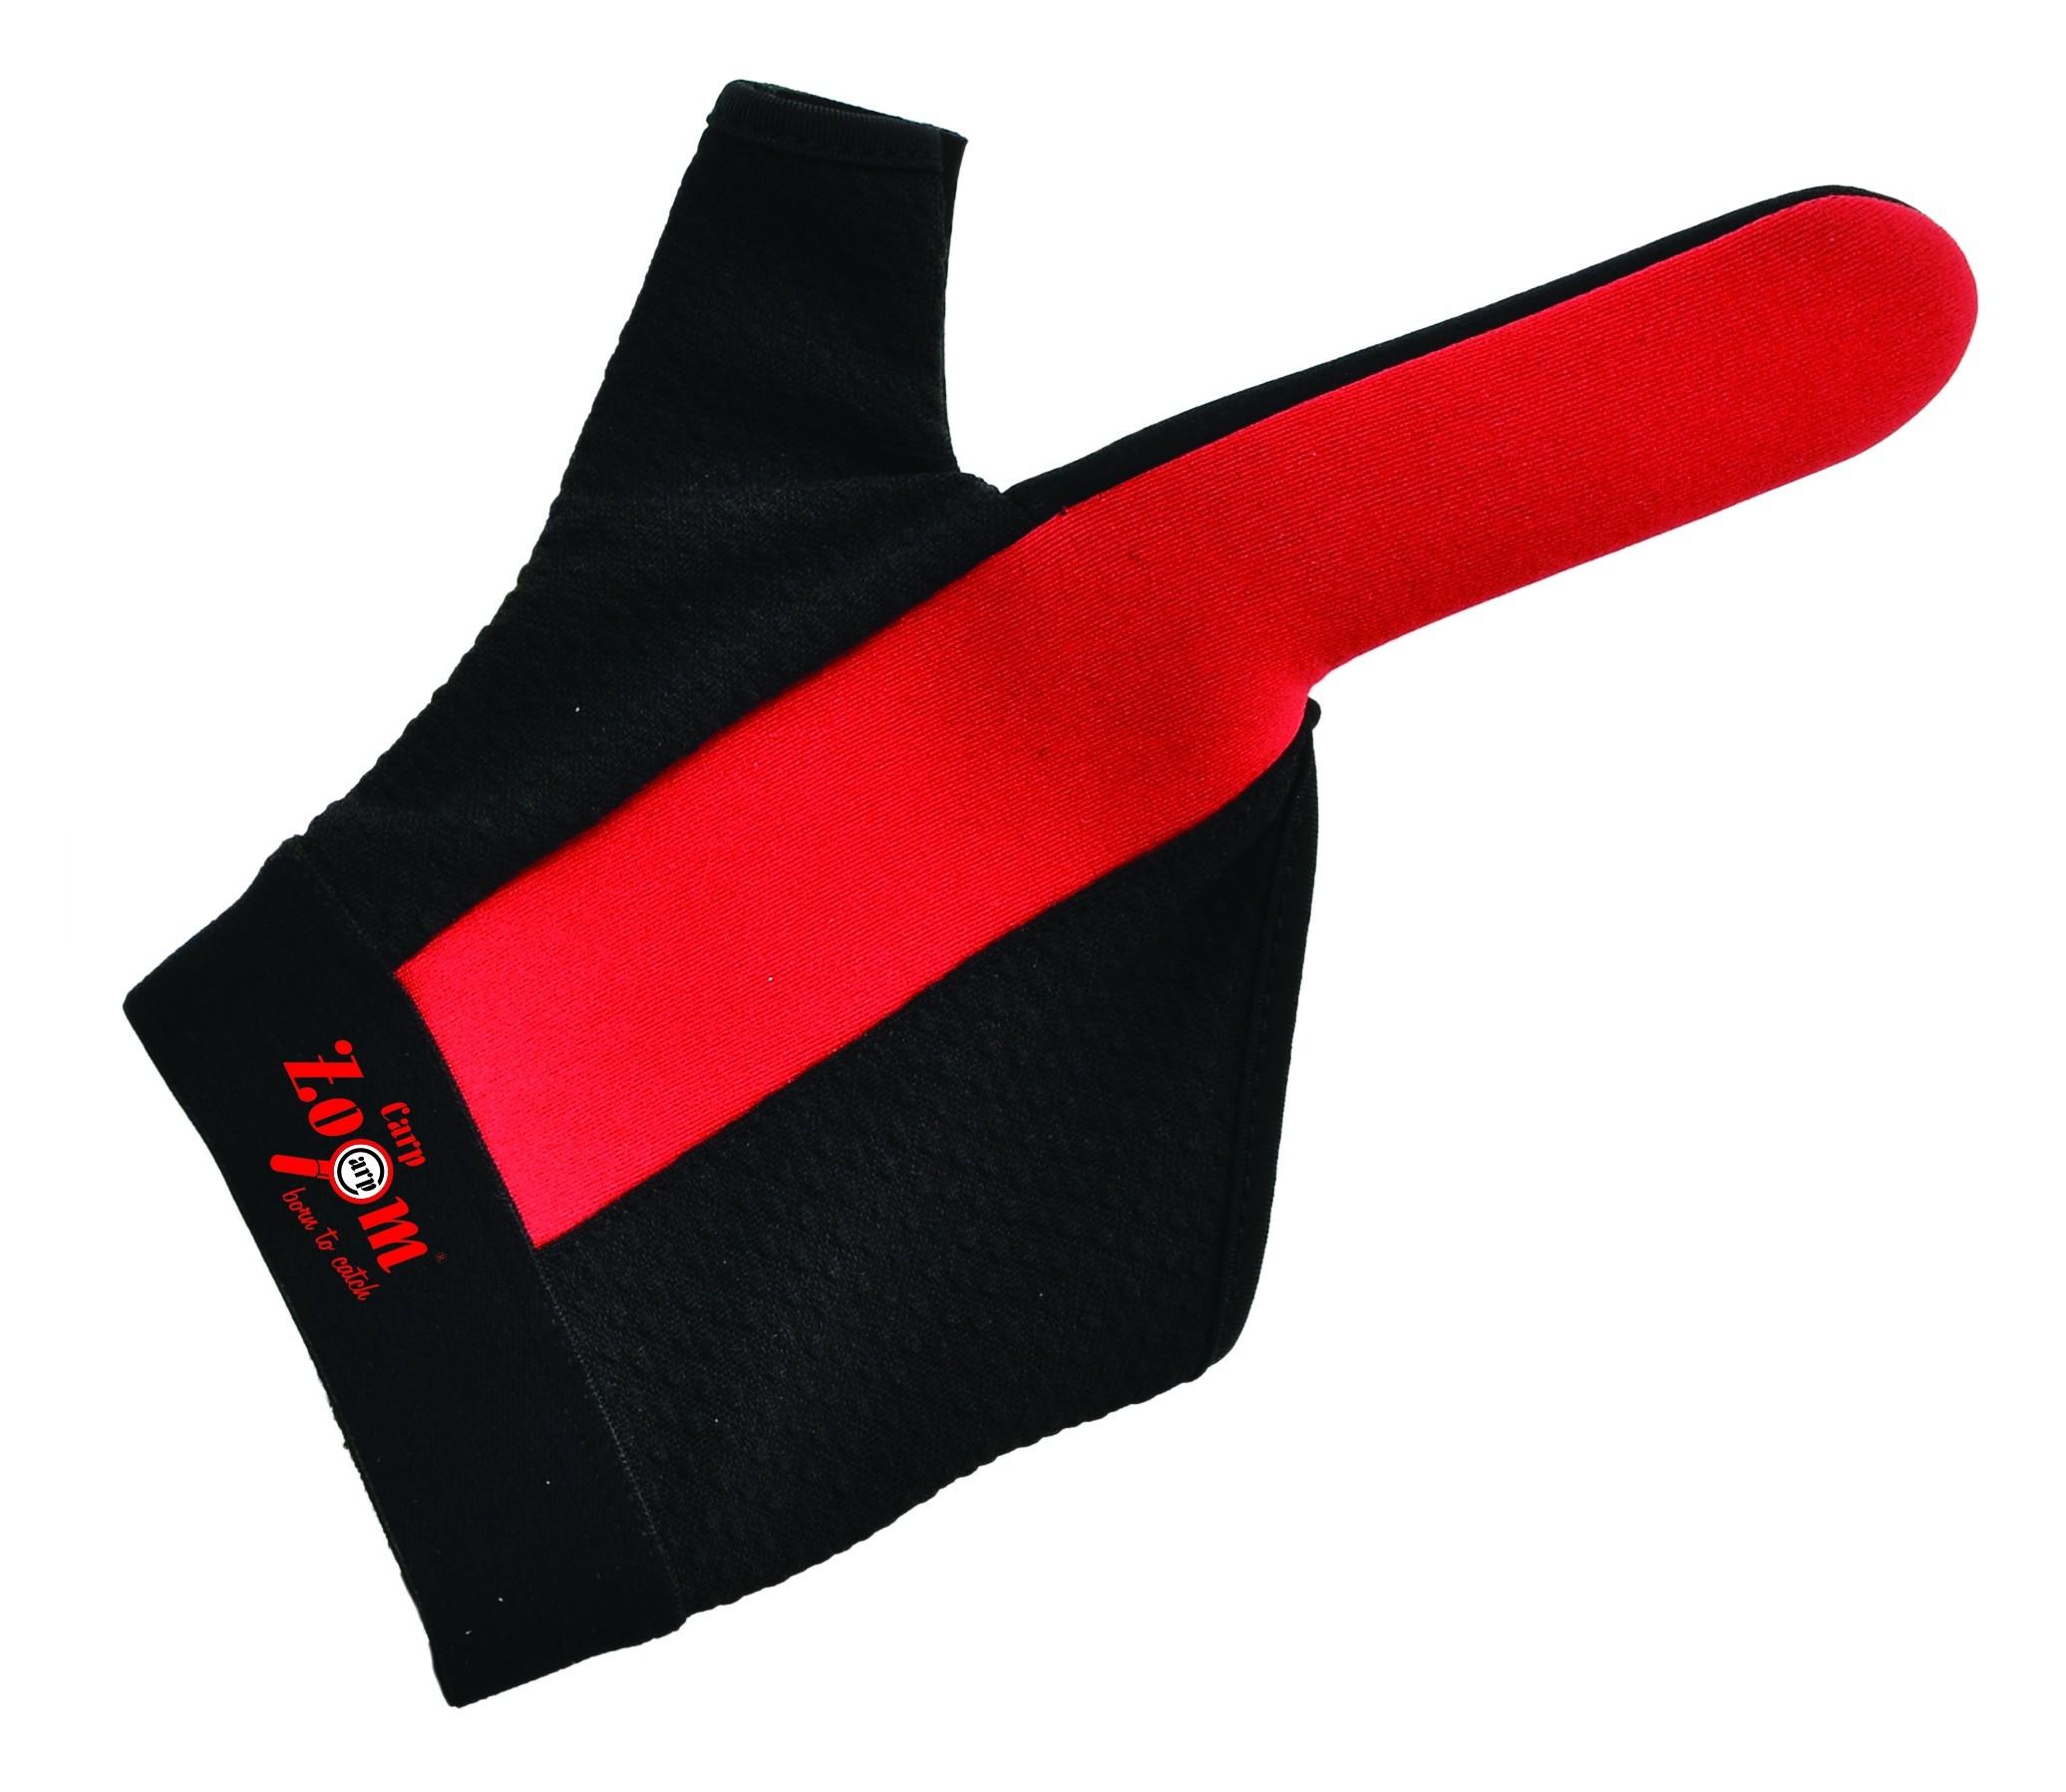 Naprstnik Carp Zoom Casting Glove